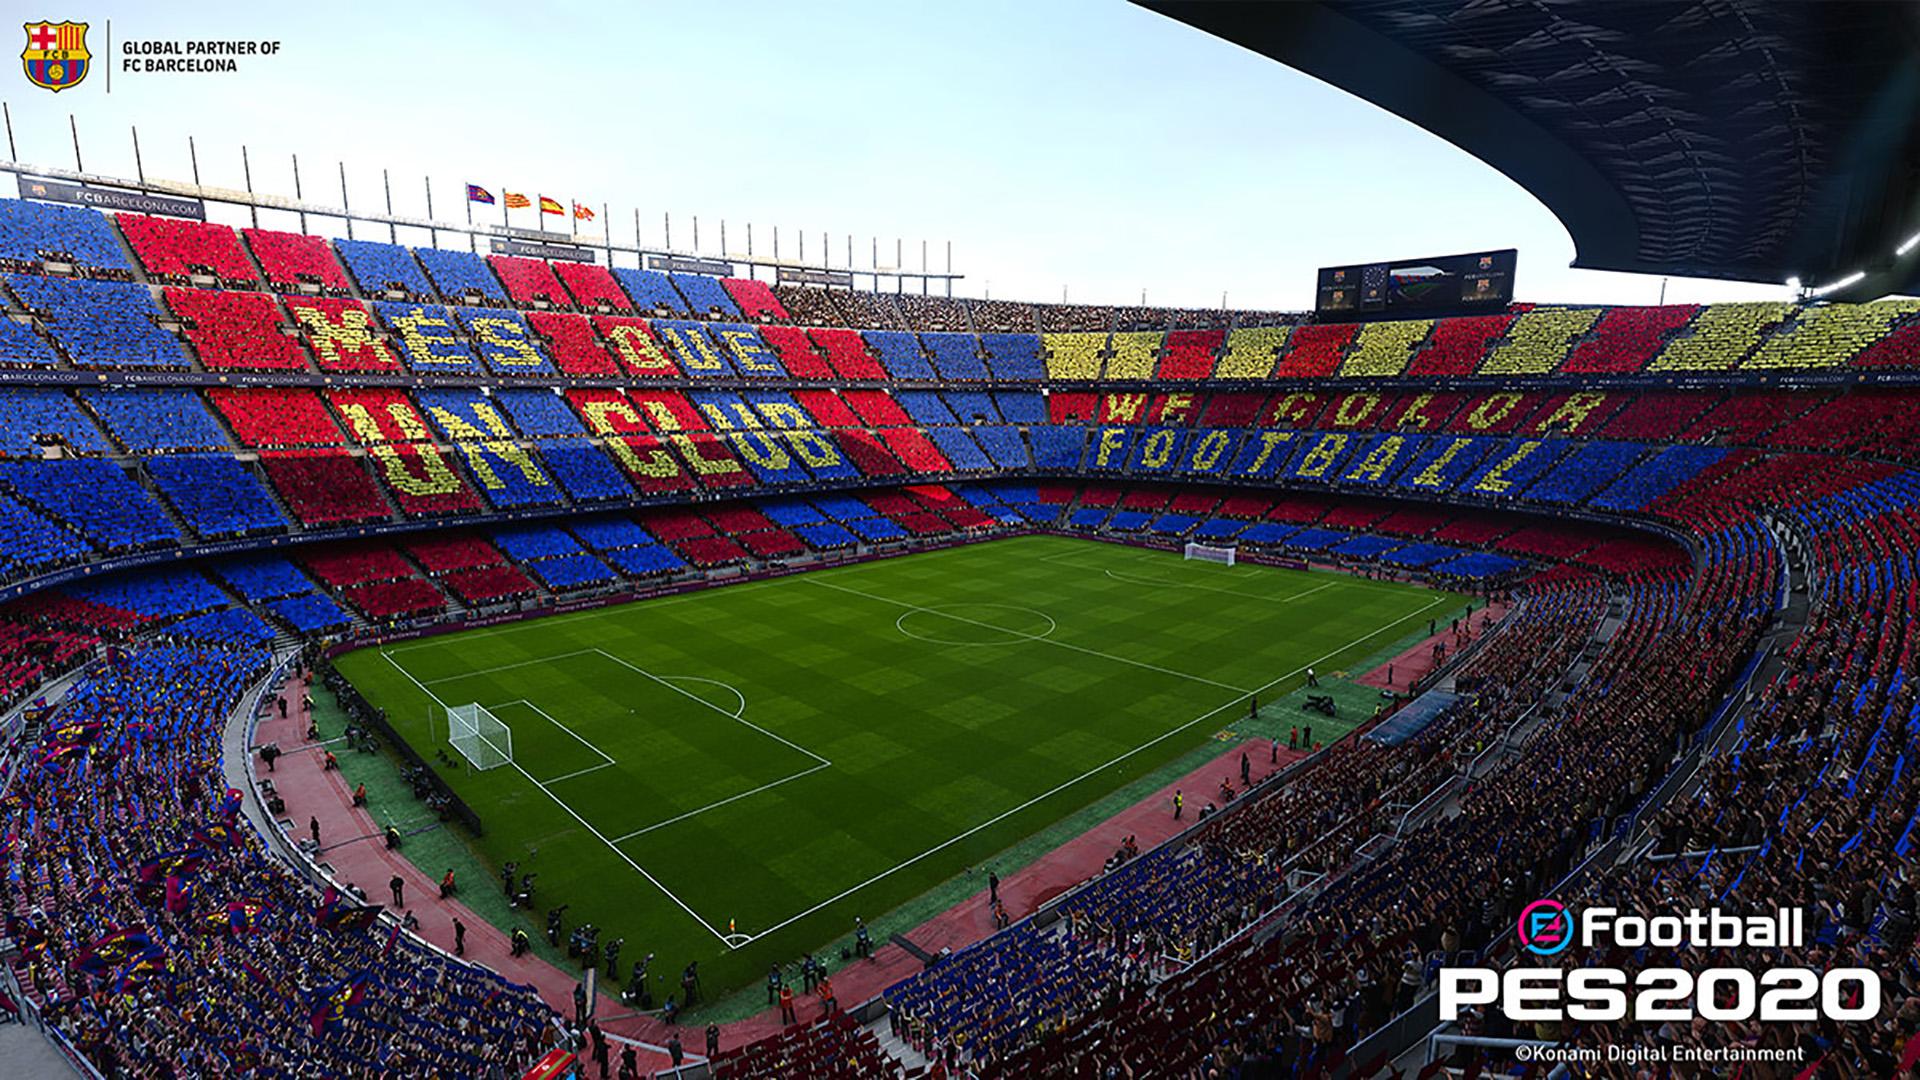 PES 2020 to get Euro 2020 tournament DLC